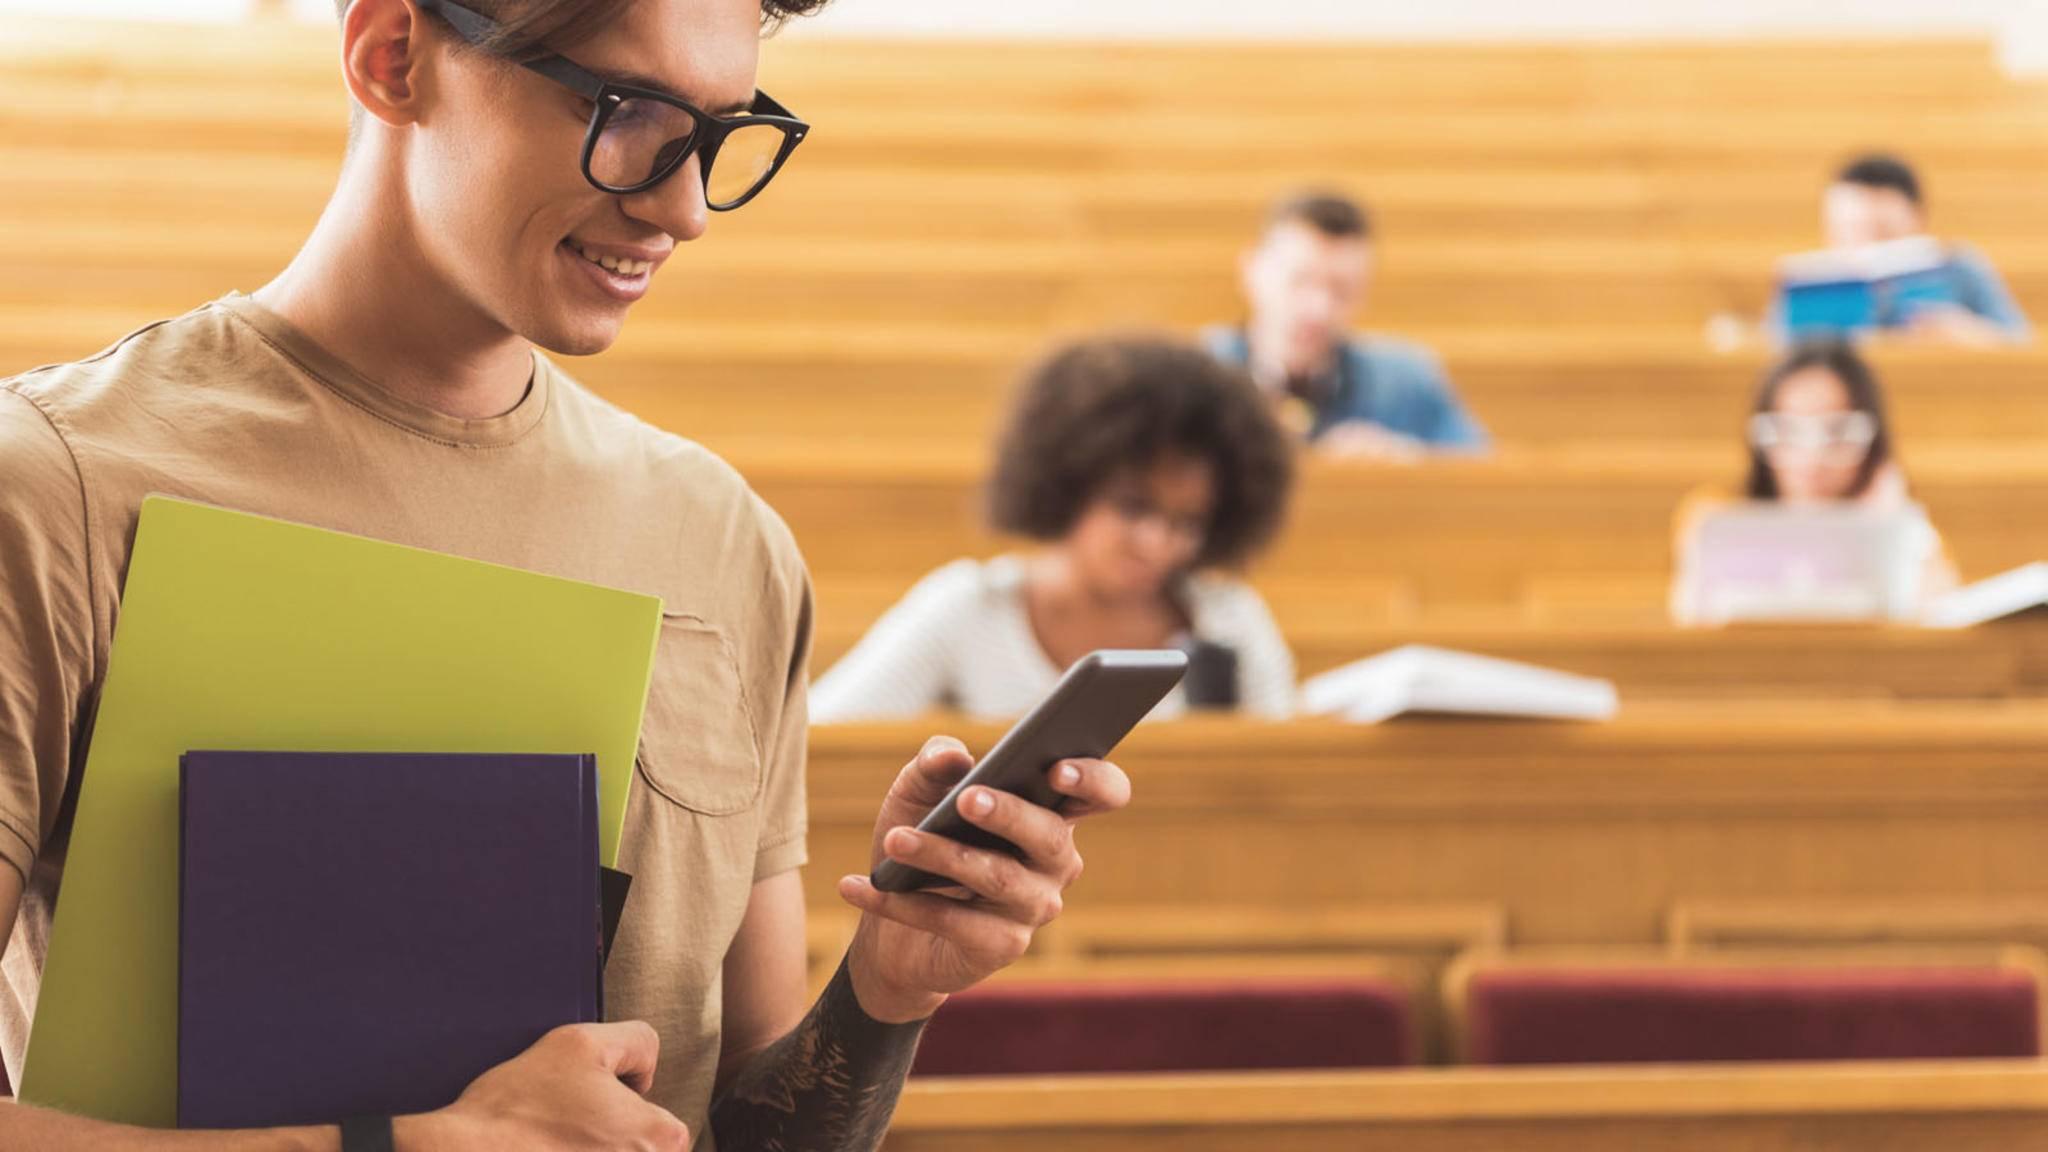 Studenten-Apps können Dir dabei helfen, Dein Studium entspannt zu organisieren.